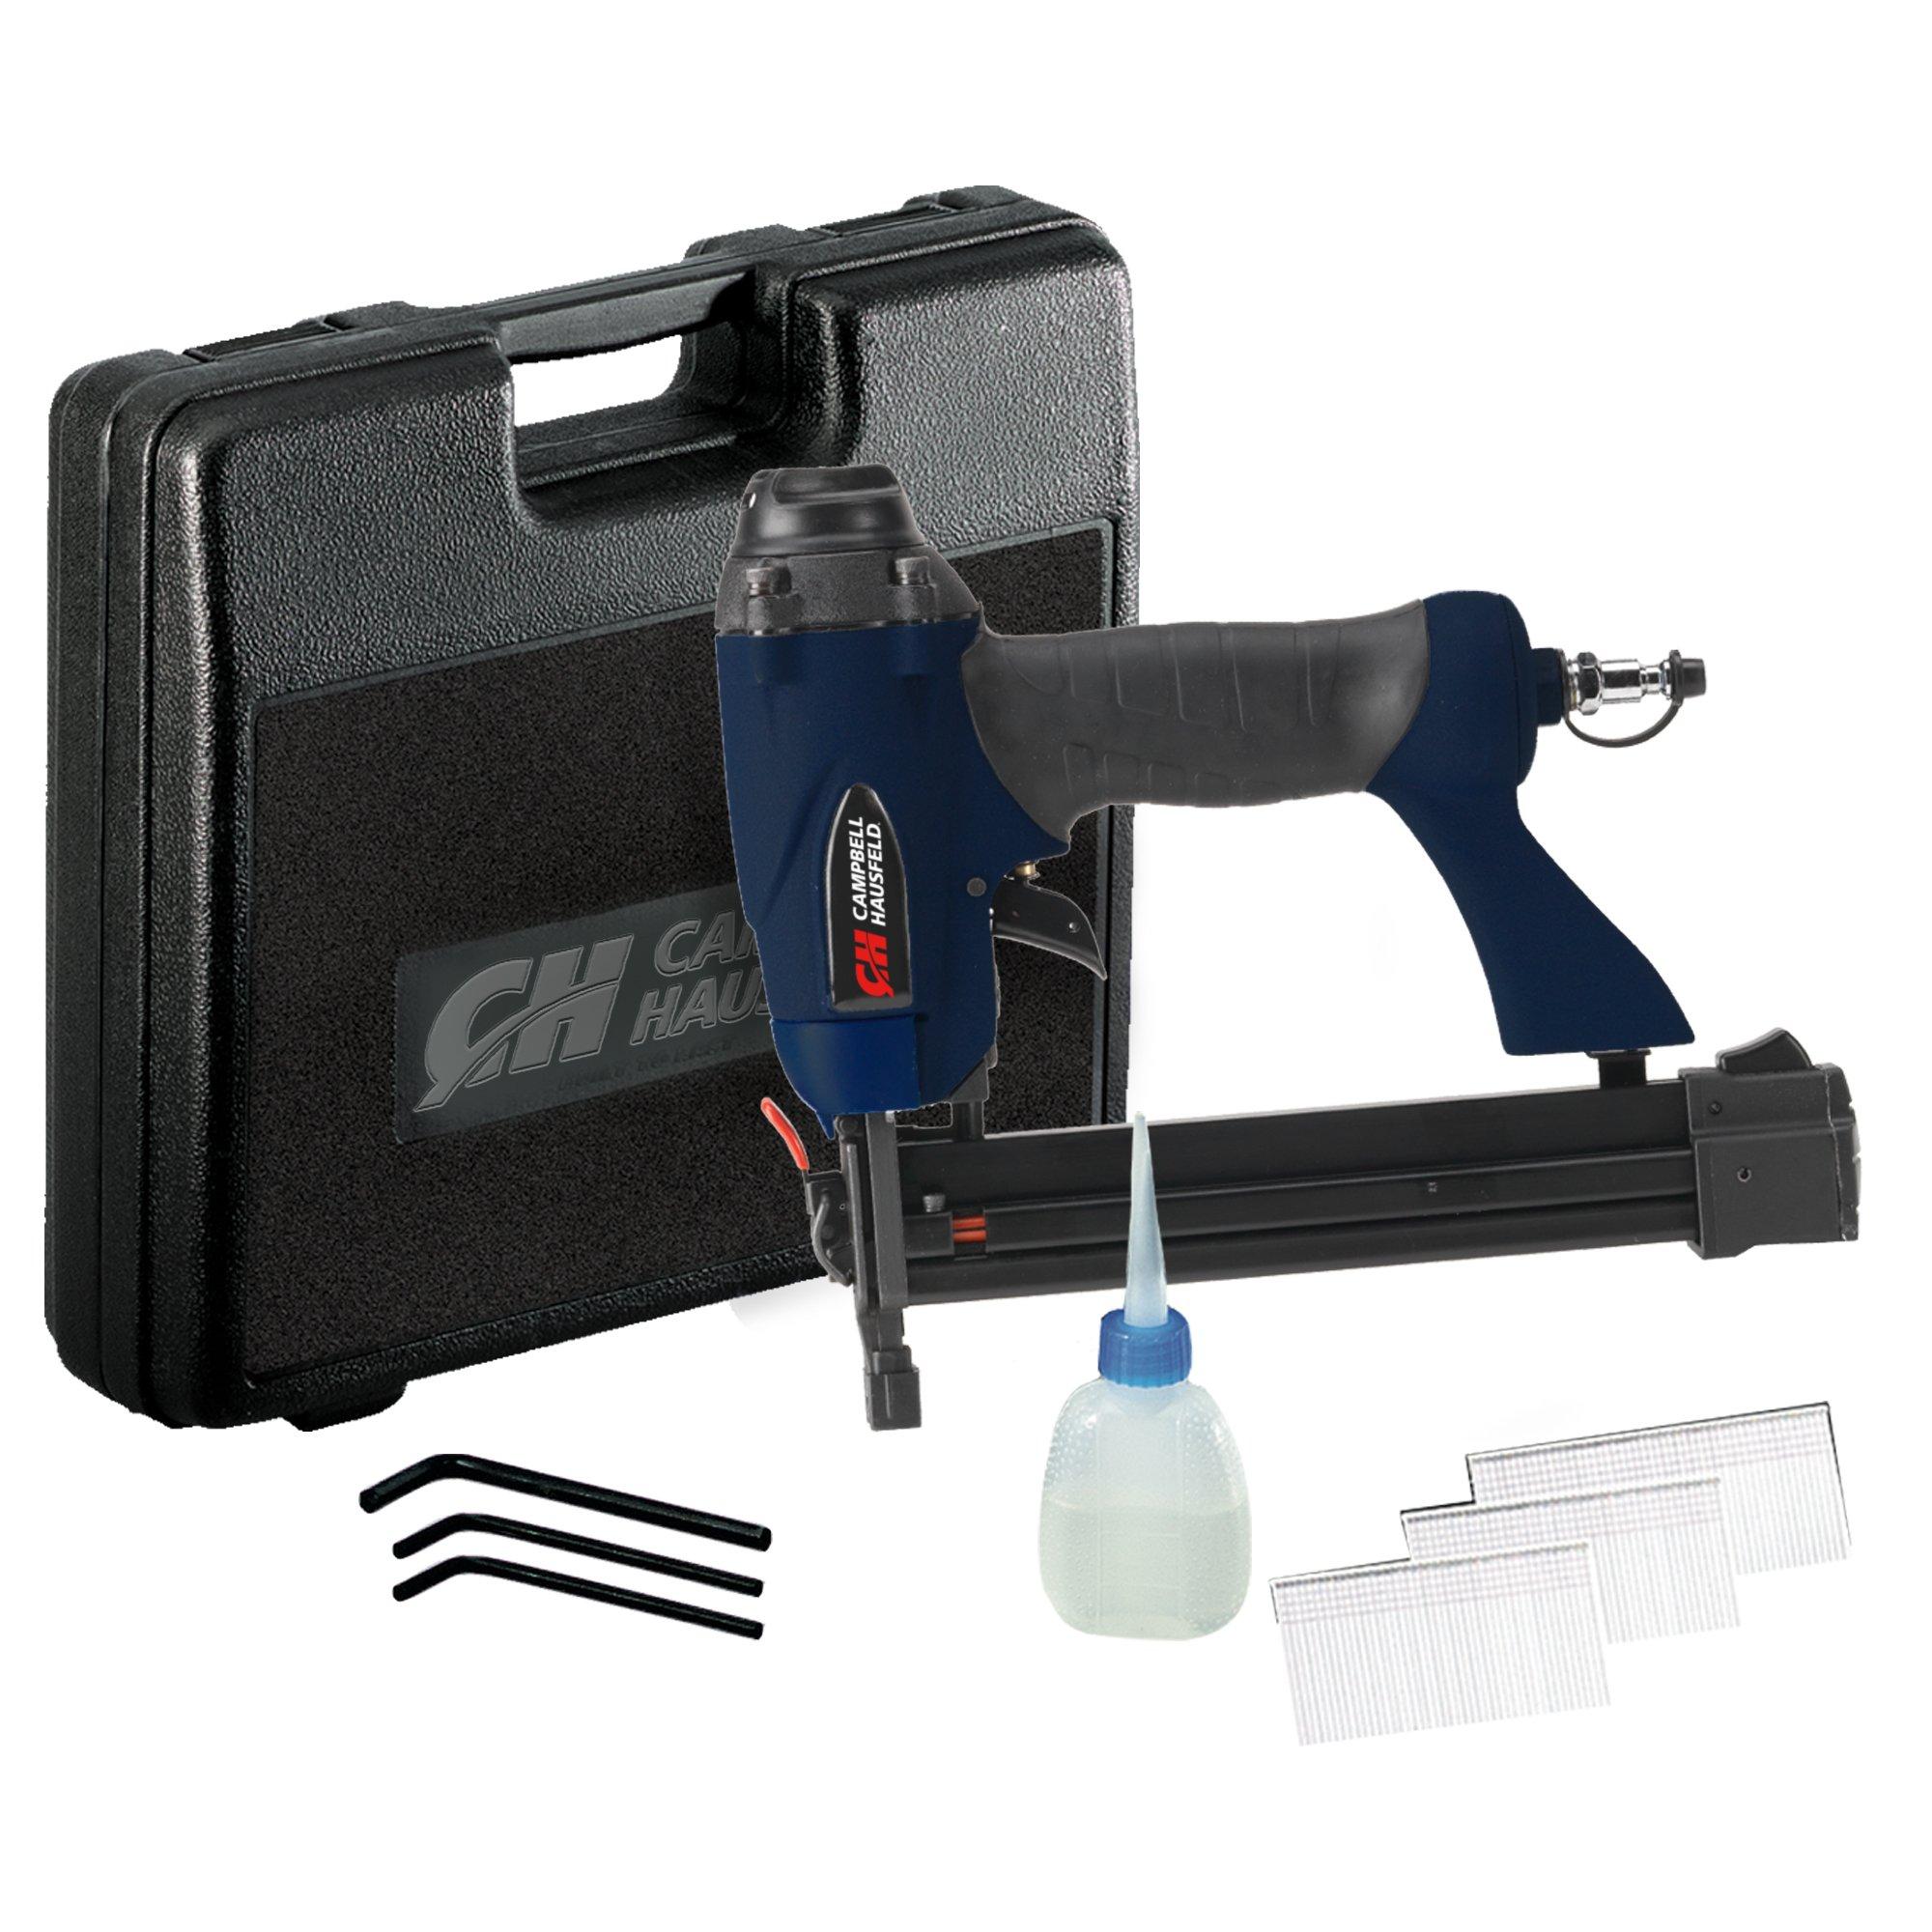 Campbell Hausfeld 1/4'' Crown Stapler Kit (CHN10399AV)